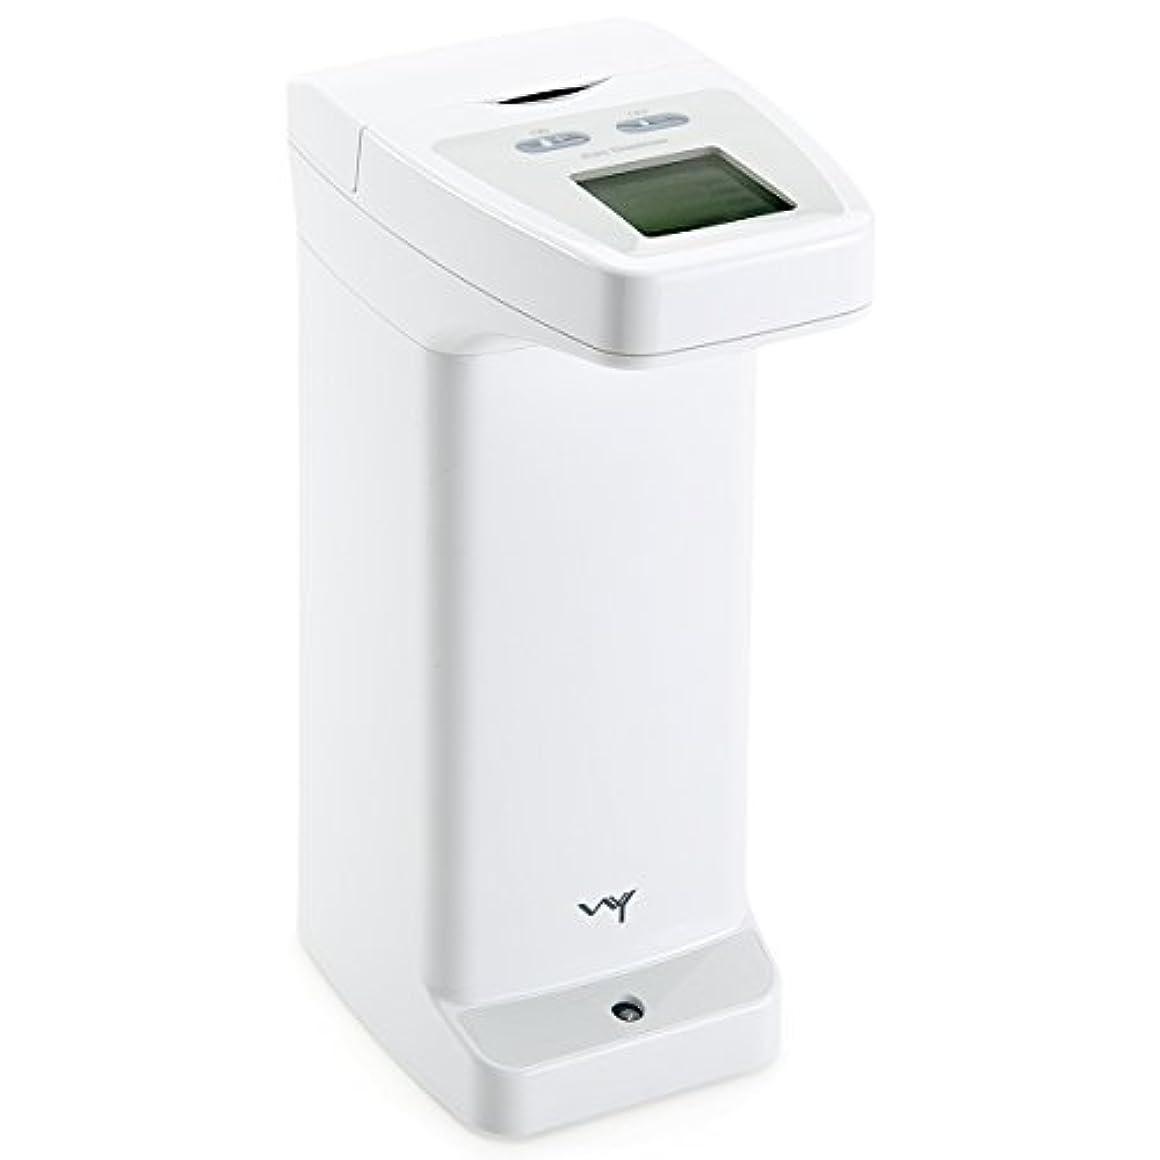 割れ目シエスタ割れ目WY 自動センサーディスペンサー 洗剤 ハンドソープ アルコール用 ソープディスペンサー 防滴 液晶付き WY-HM012